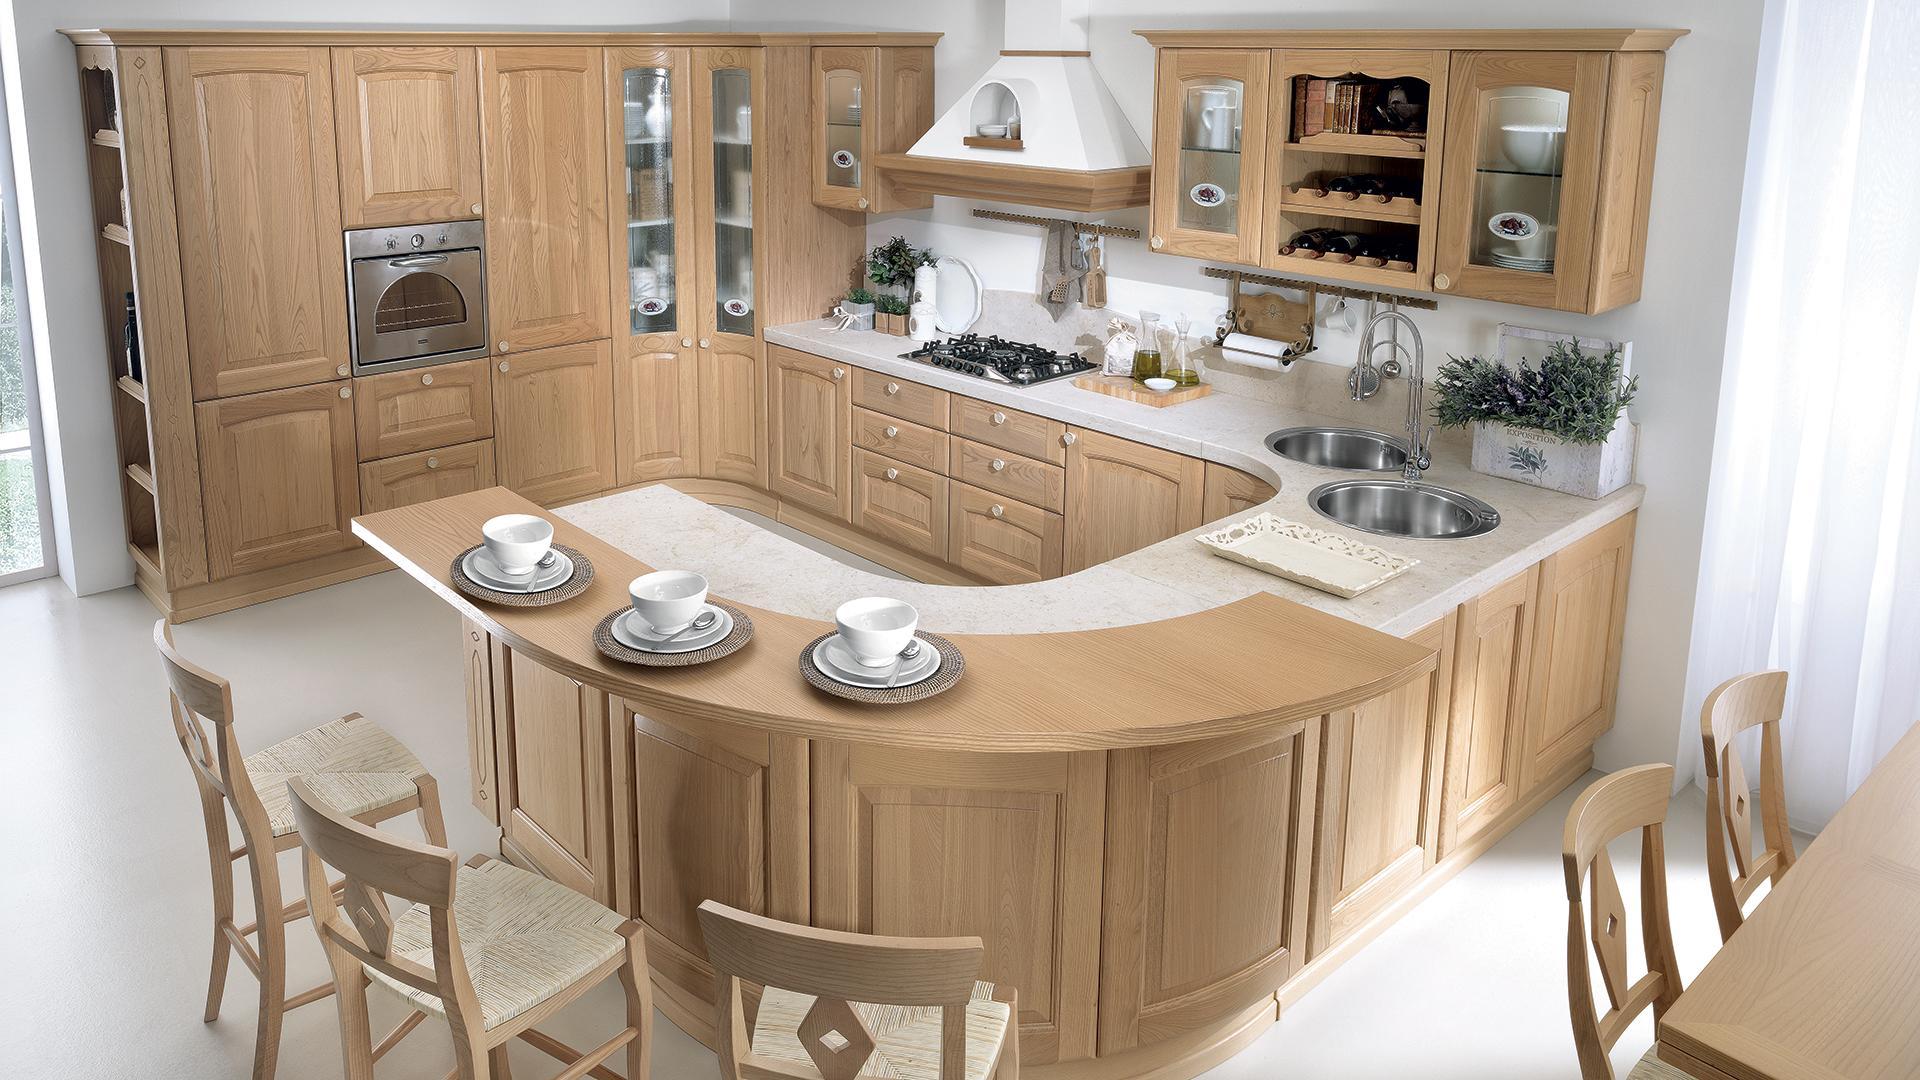 Rizzo arreda lube arredamenti paderno dugnano cucine classica veronica - Progetto bagno paderno ...